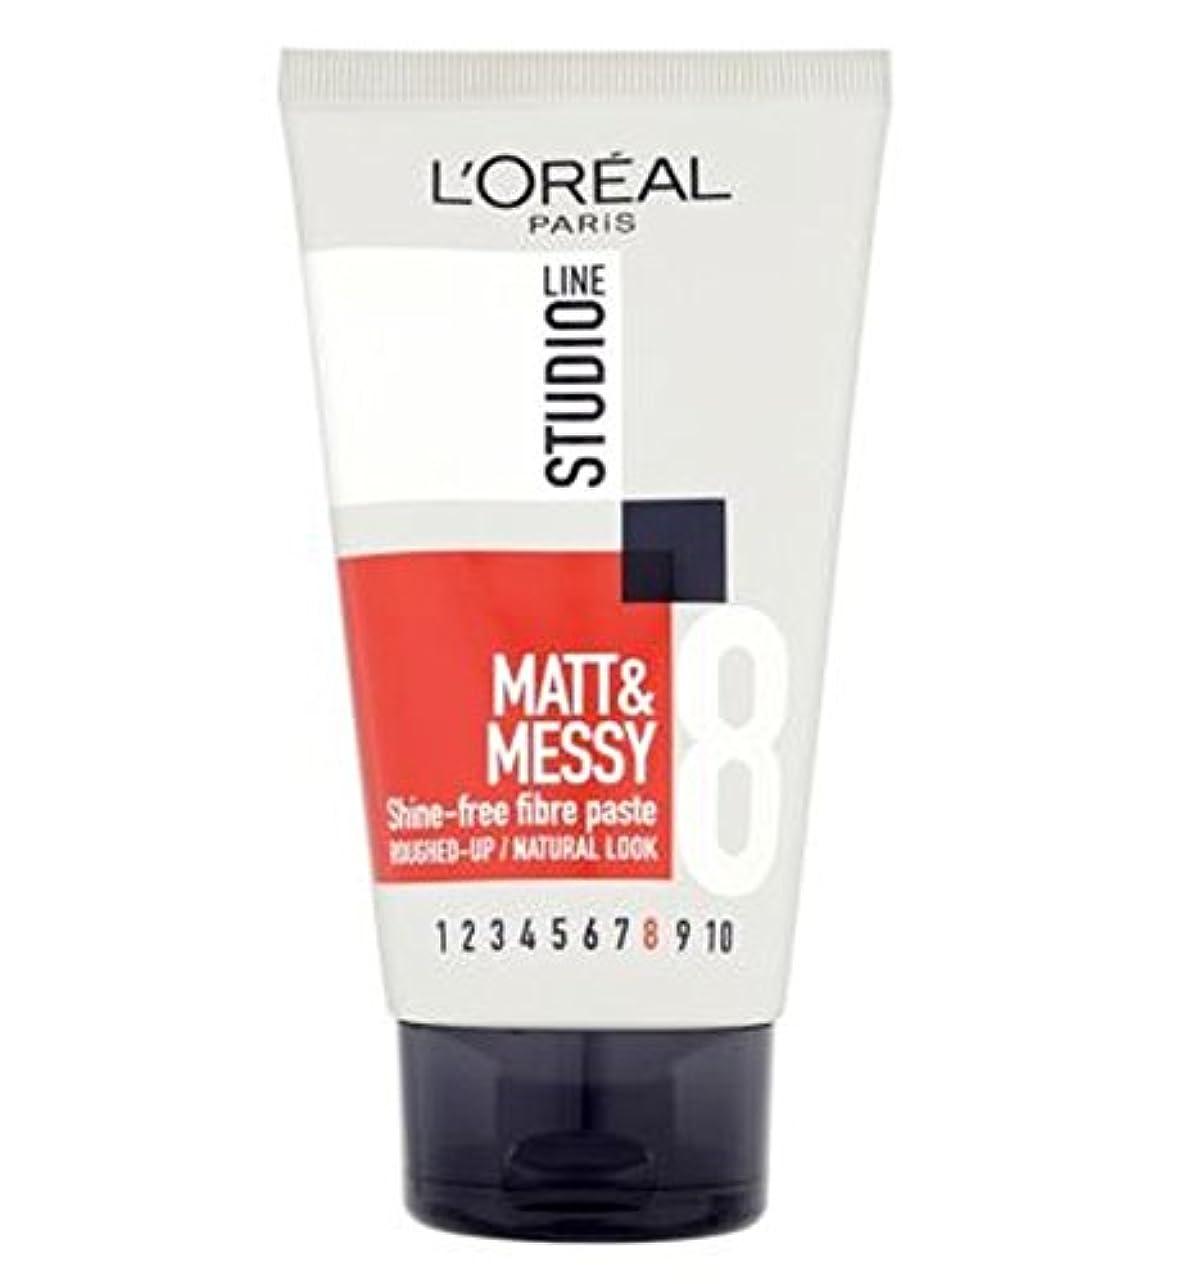 統治可能囲まれた空白L'Oreall Studio Line Matt & Messy Shine-Free Fibre Paste 150ml - L'Oreallスタジオラインマット&厄介な輝きのない繊維ペースト150ミリリットル (L'Oreal...